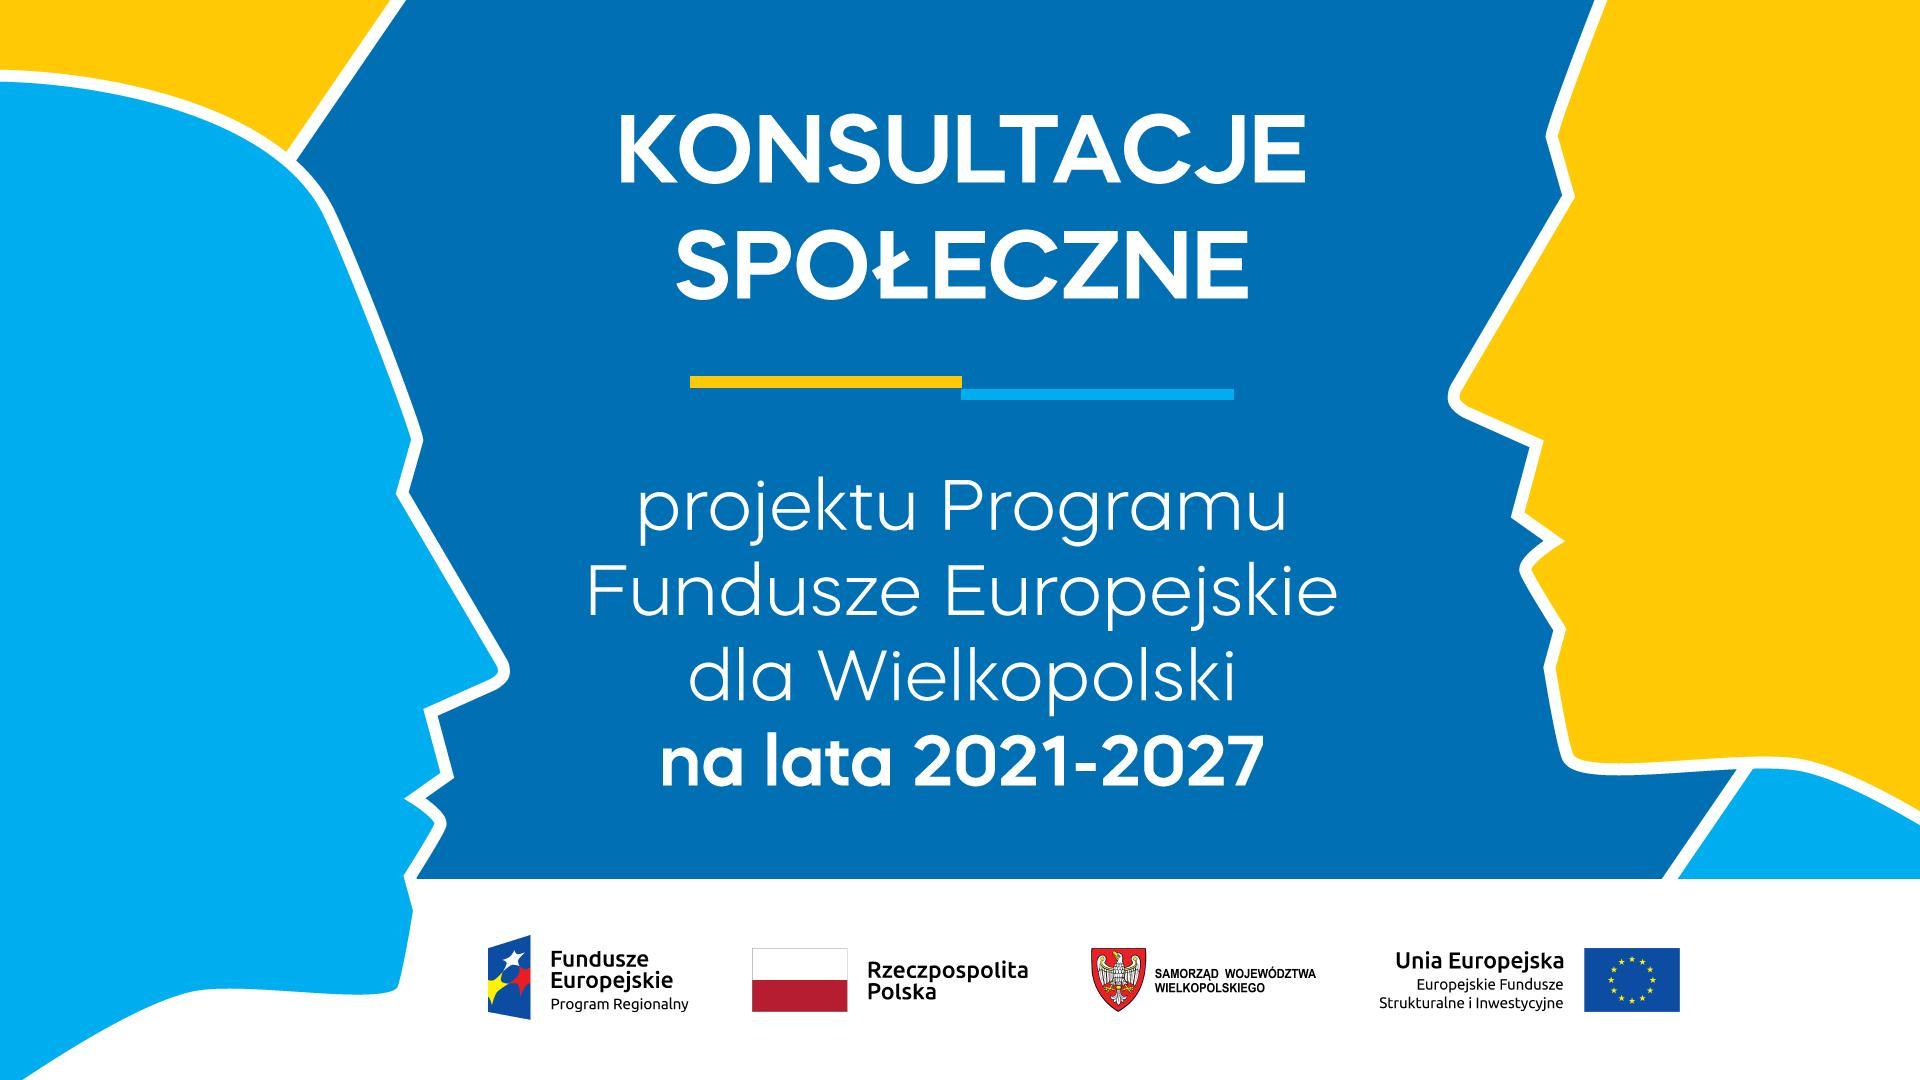 Konsultacje społeczne projektu Programu Fundusze Europejskie dla Wielkopolski na lata 2021-2027 - zobacz więcej